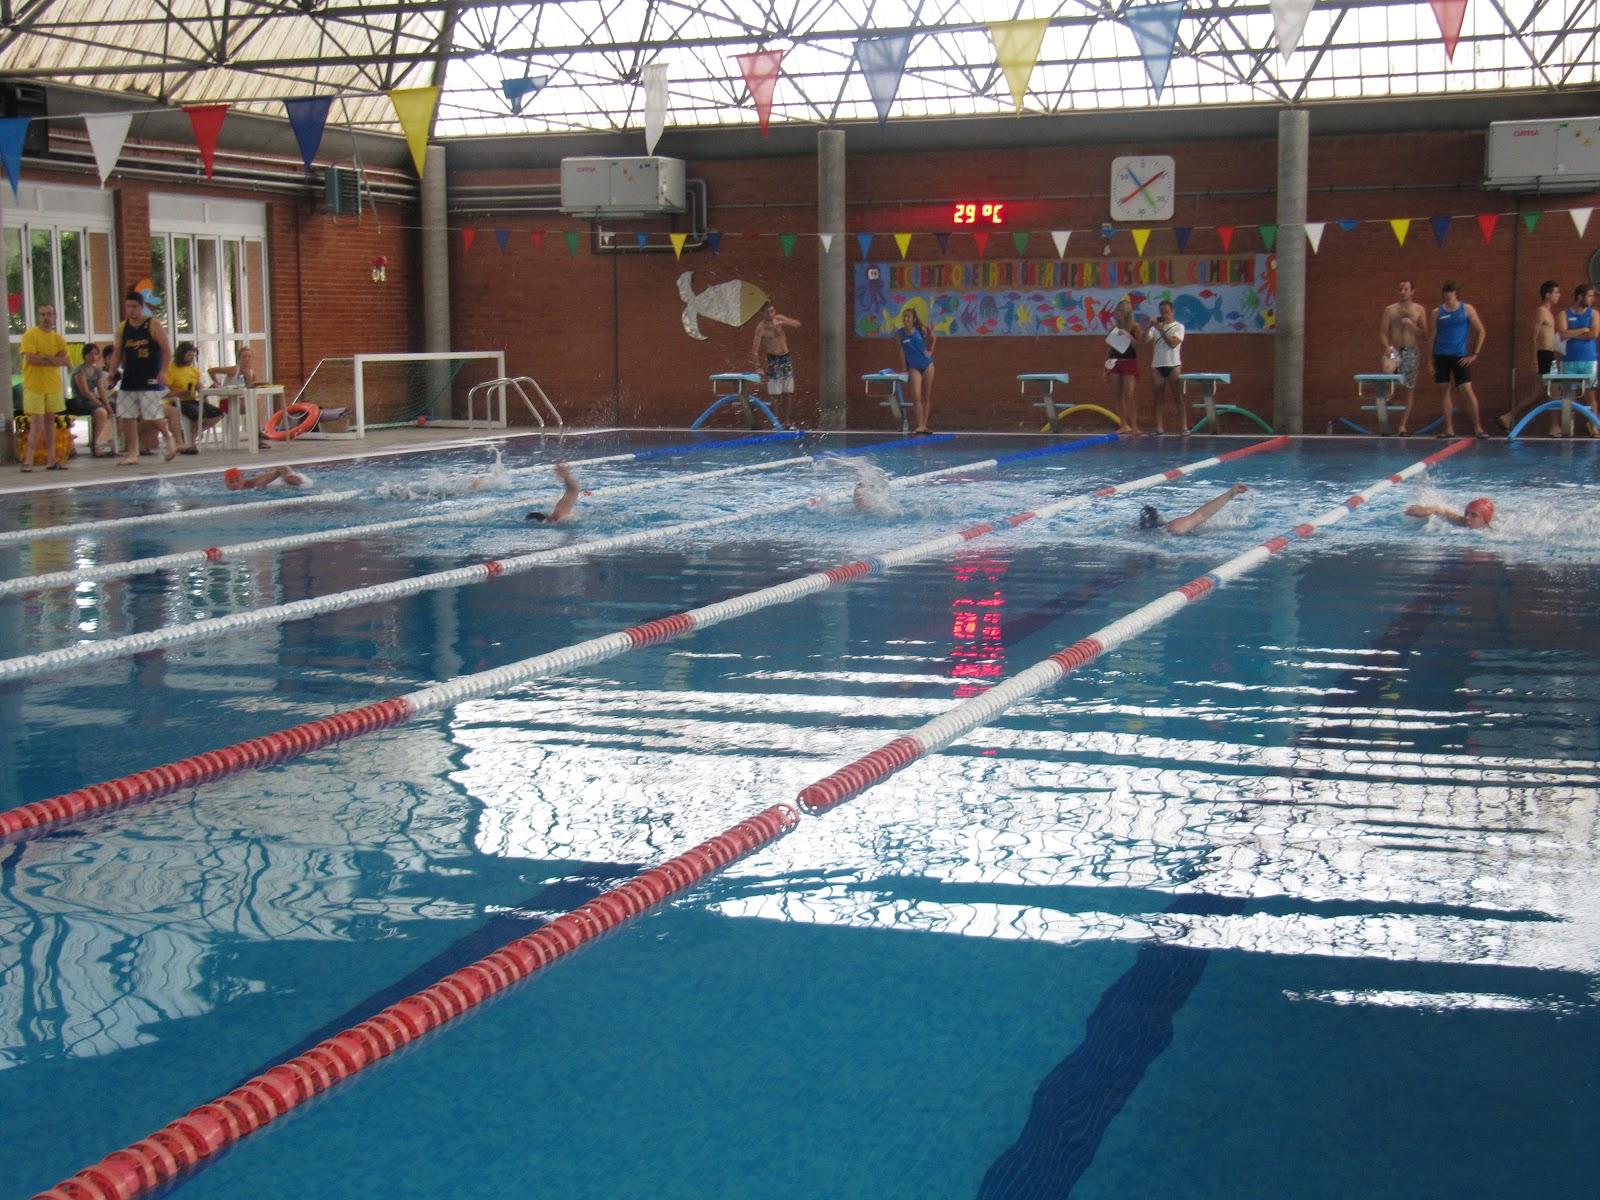 Amigos de la natacion valenciana mayo 2013 - Piscina san vicente ...